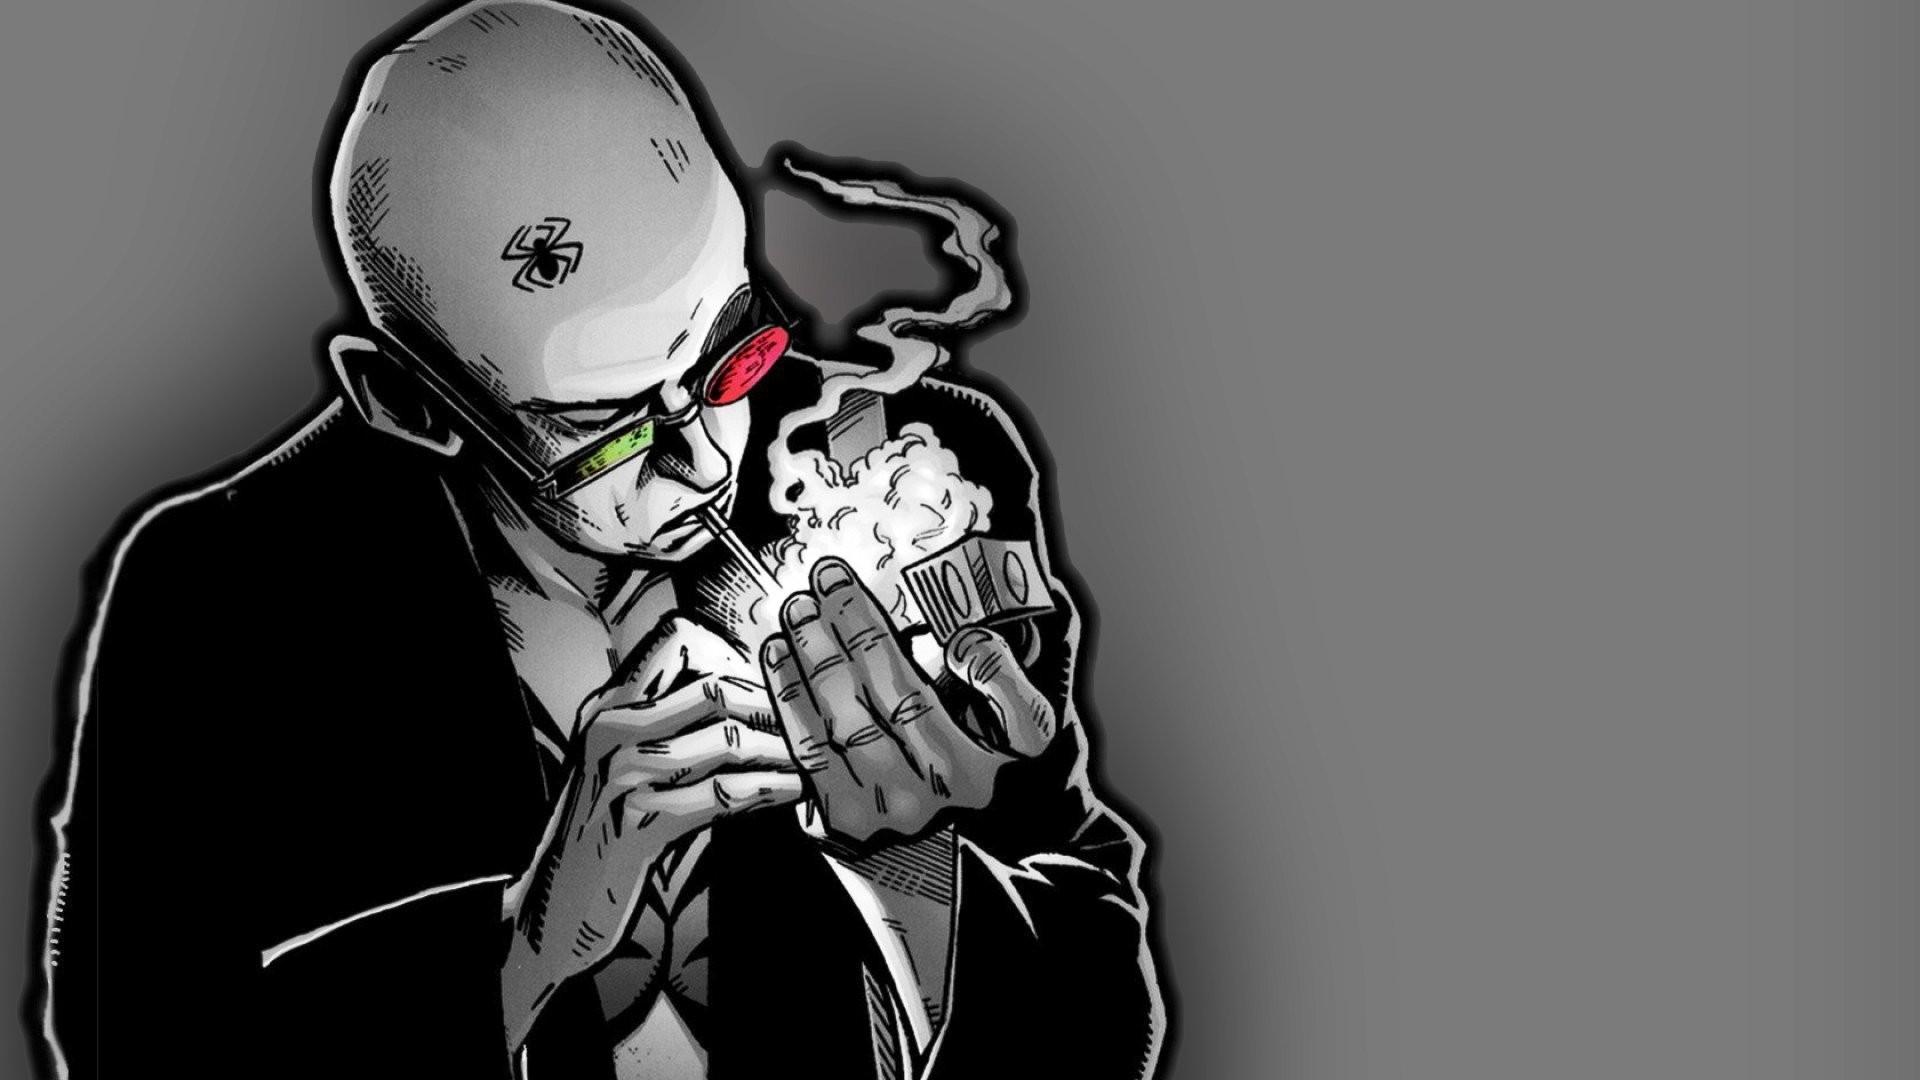 Gangsta Wallpaper HD (73+ images)Gangsta Artwork